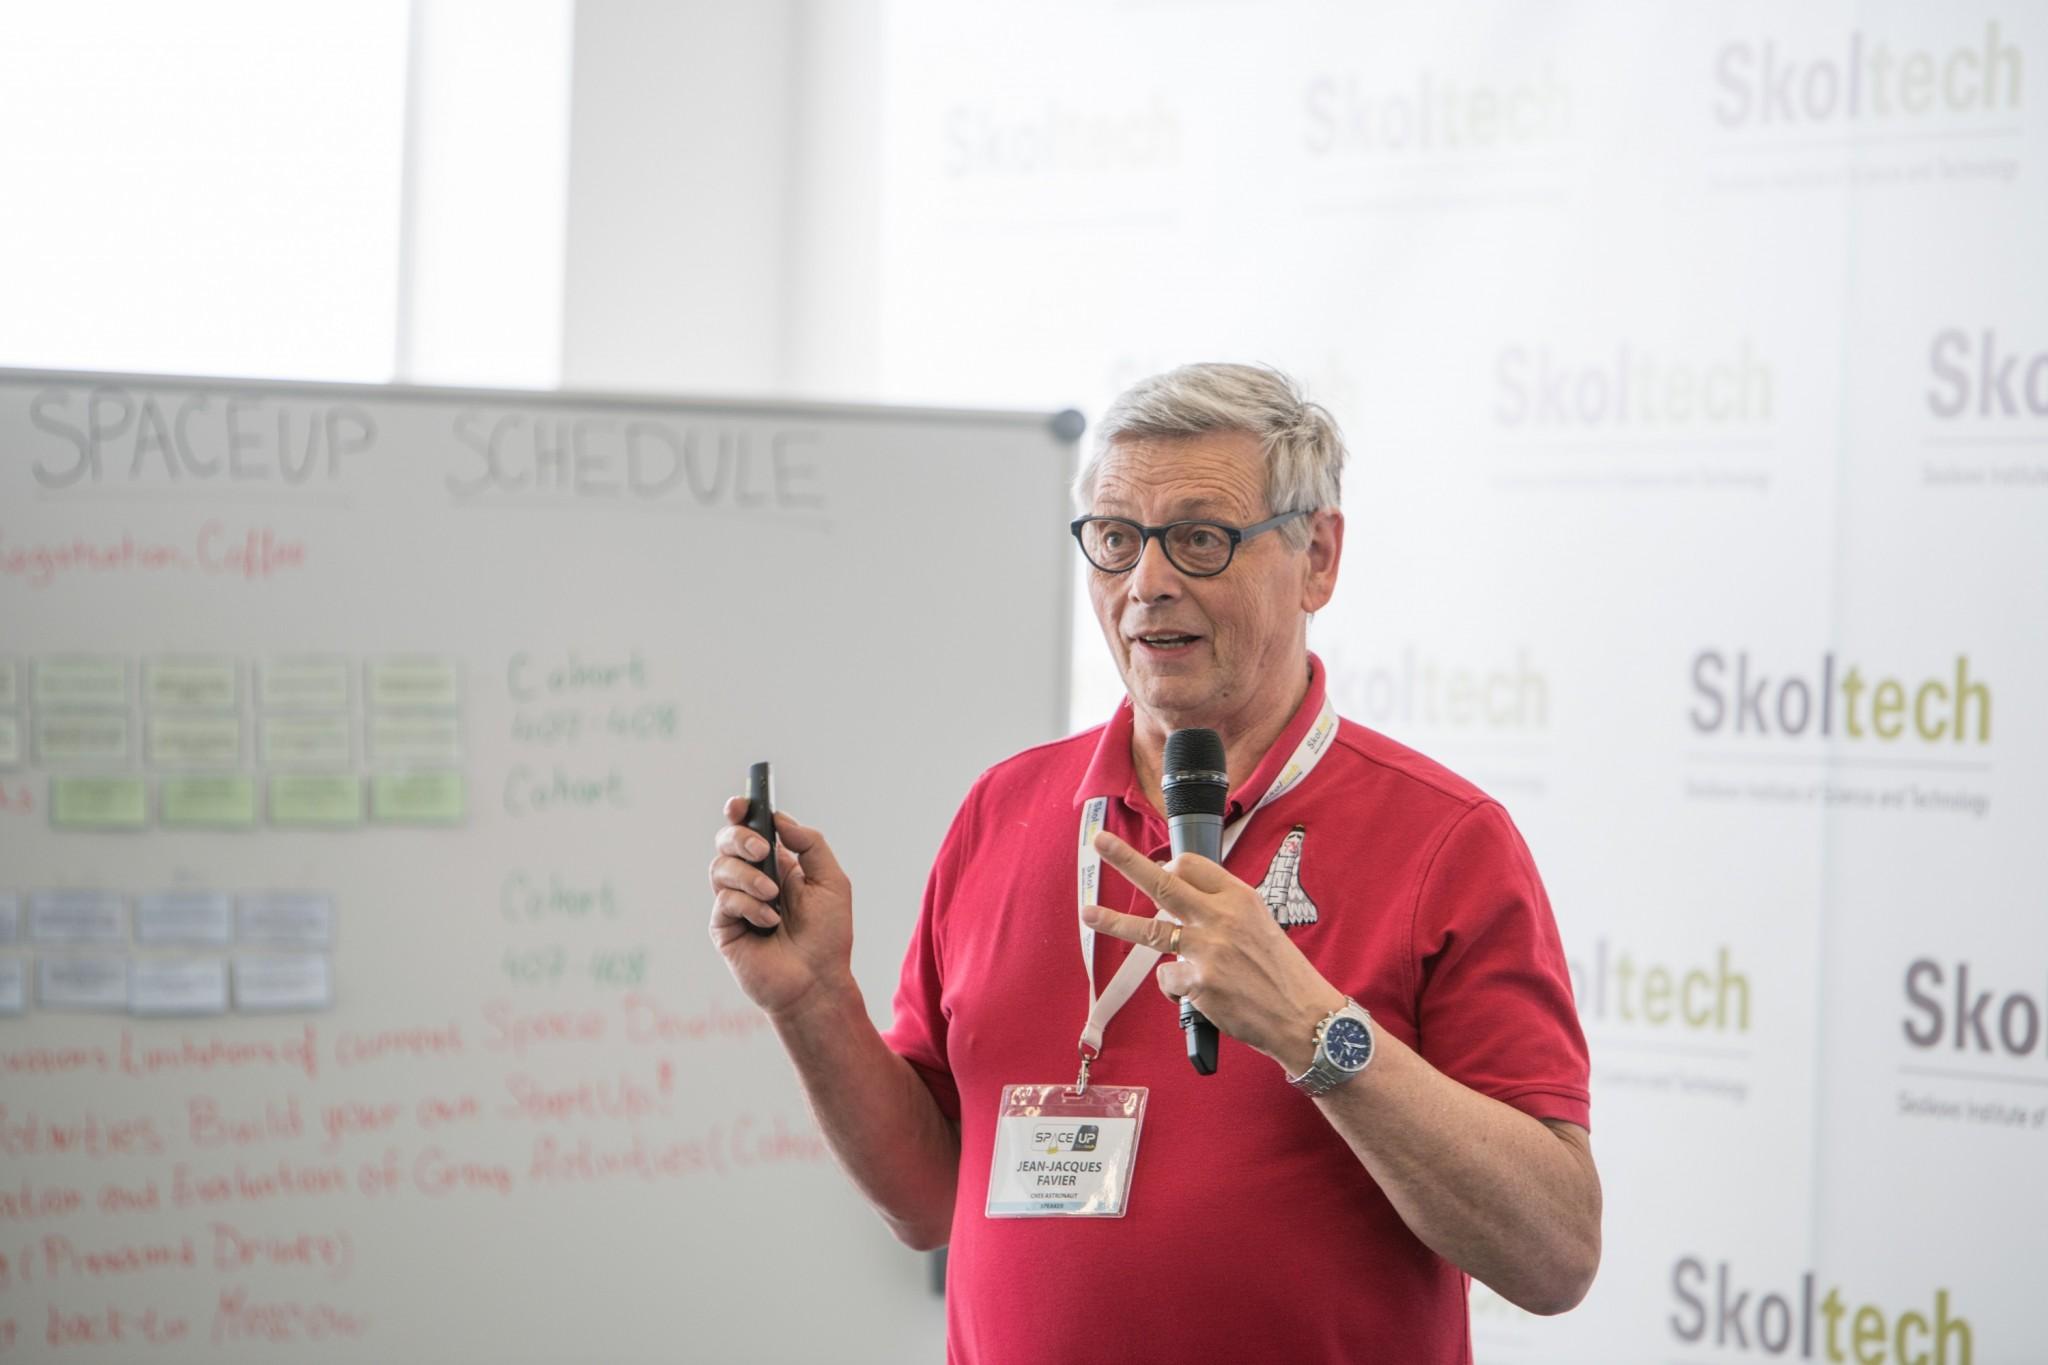 Жан-Жак Фавье выступает с лекцией на прошедшей недавно в Сколтехе антиконференции SpaceUp. Фото: Сколтех.